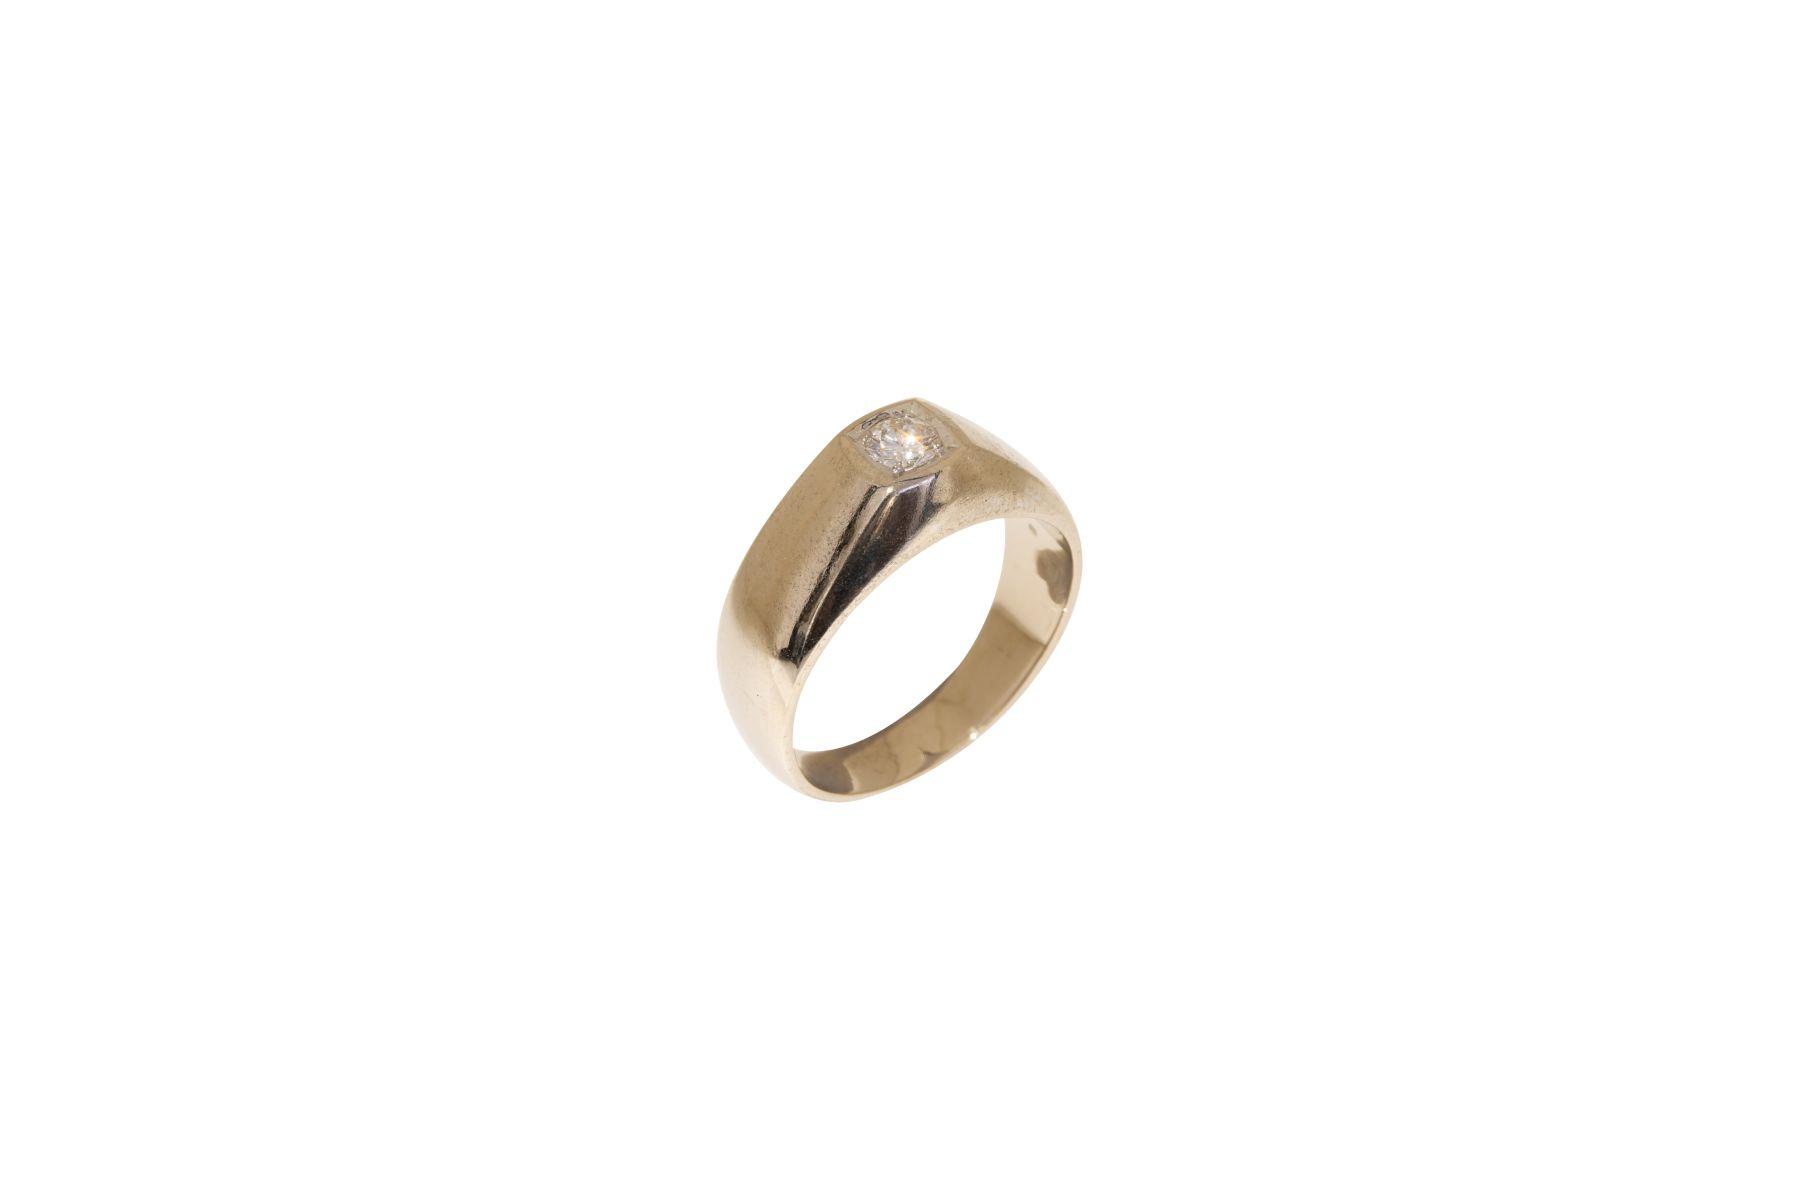 #213 Ring | Ring Image